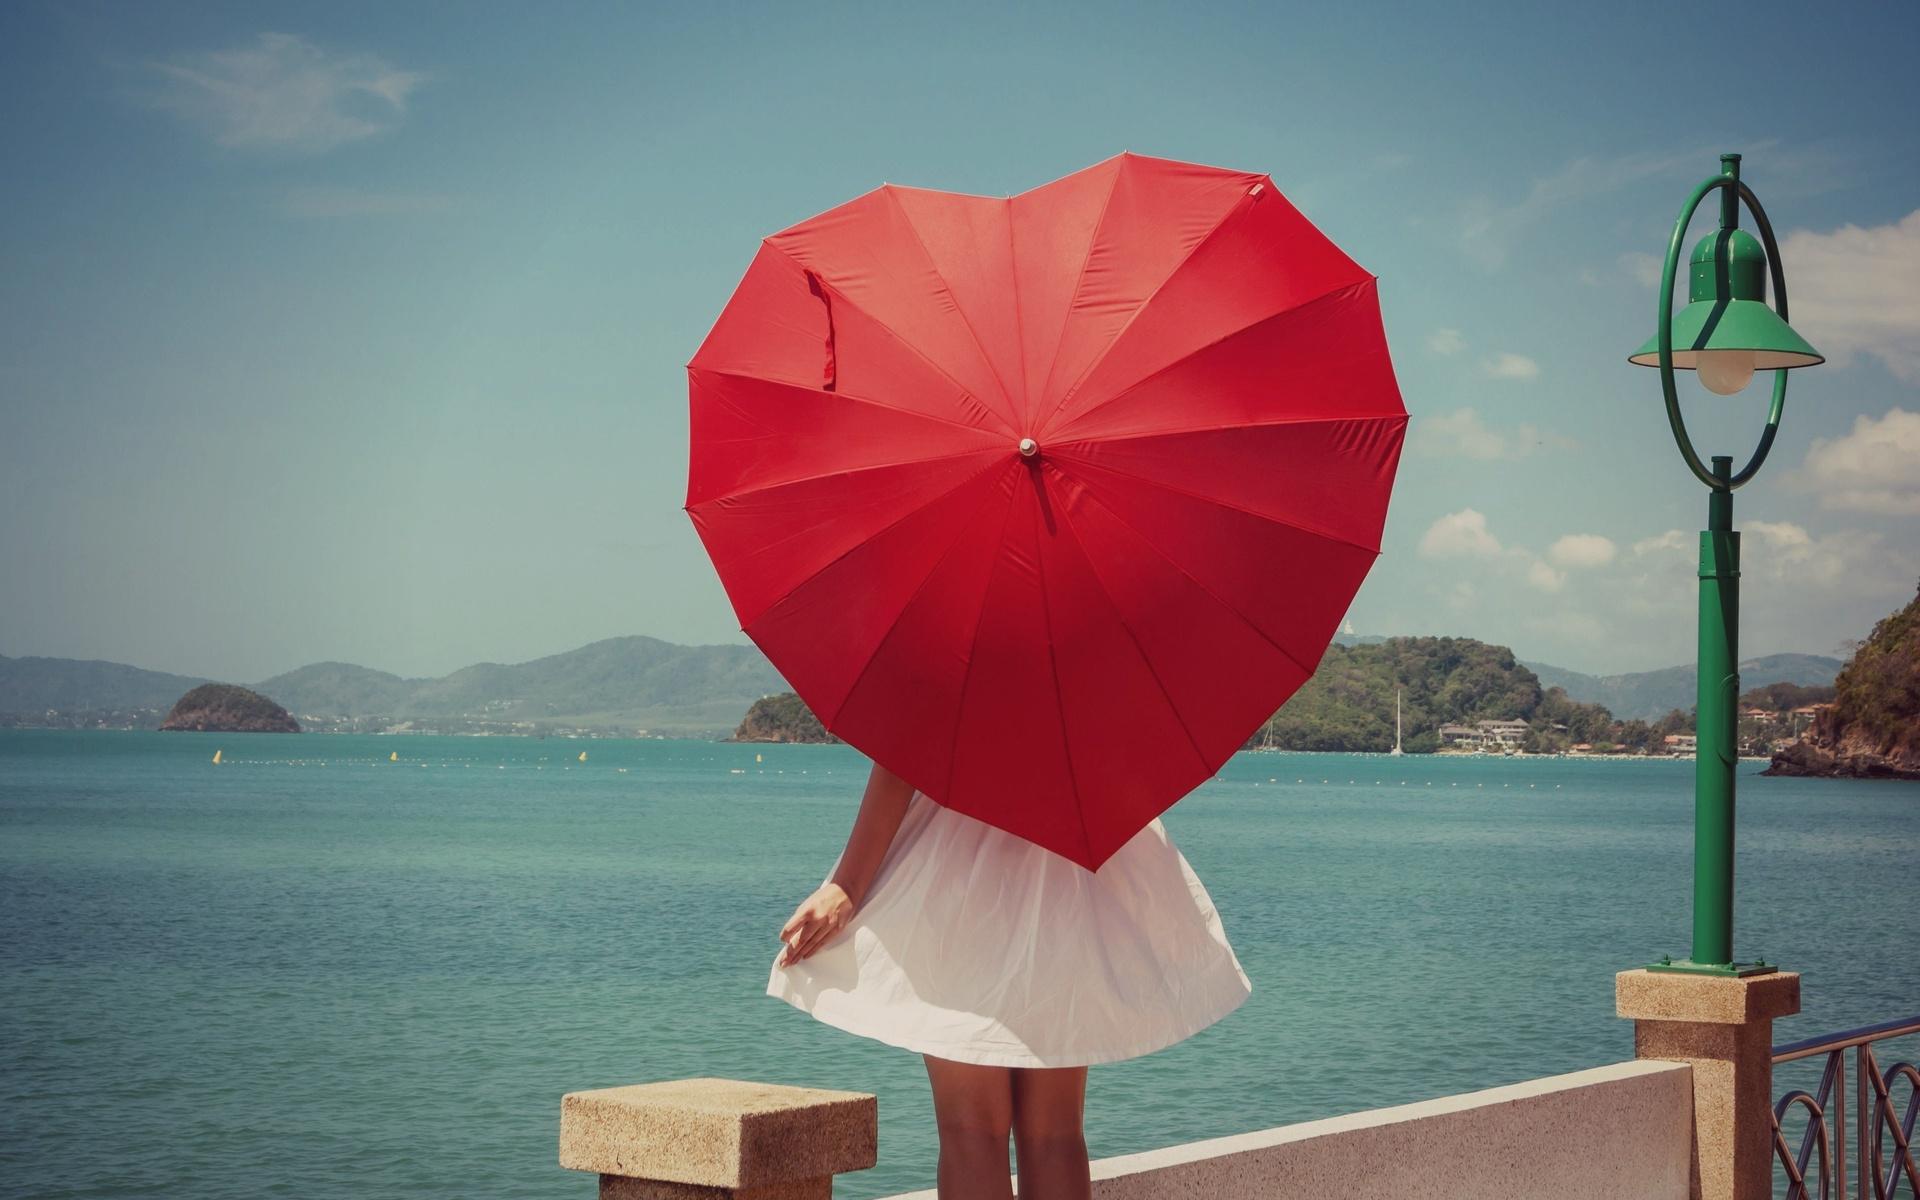 Как правильно почистить зонтик?